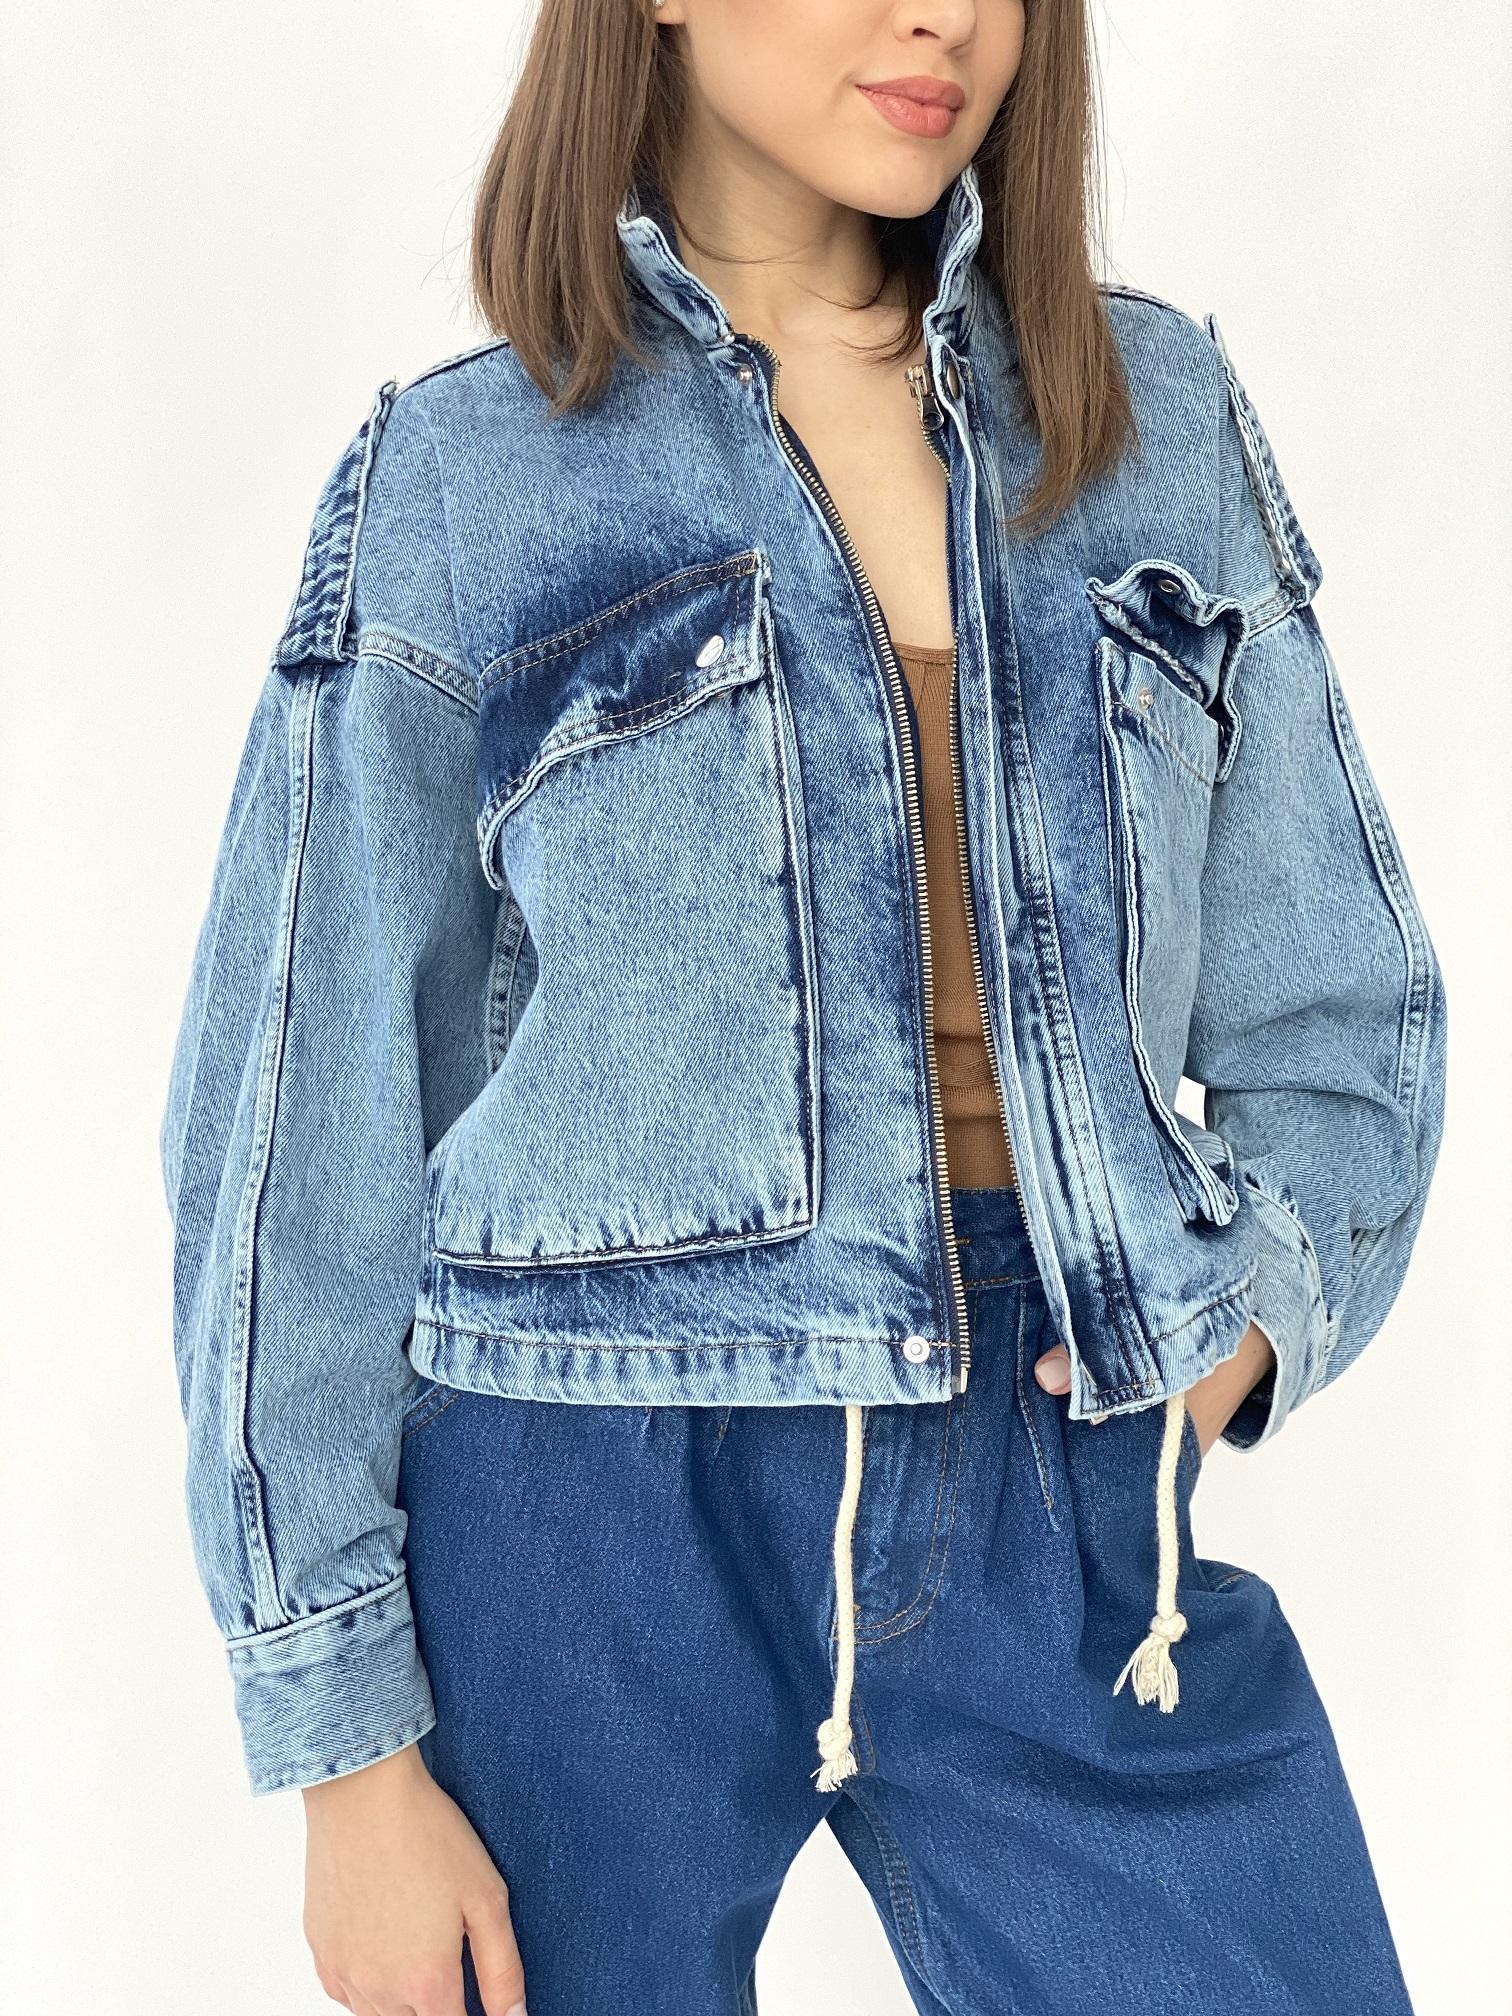 Джинсовая куртка, UNO, C6469 (джинс)